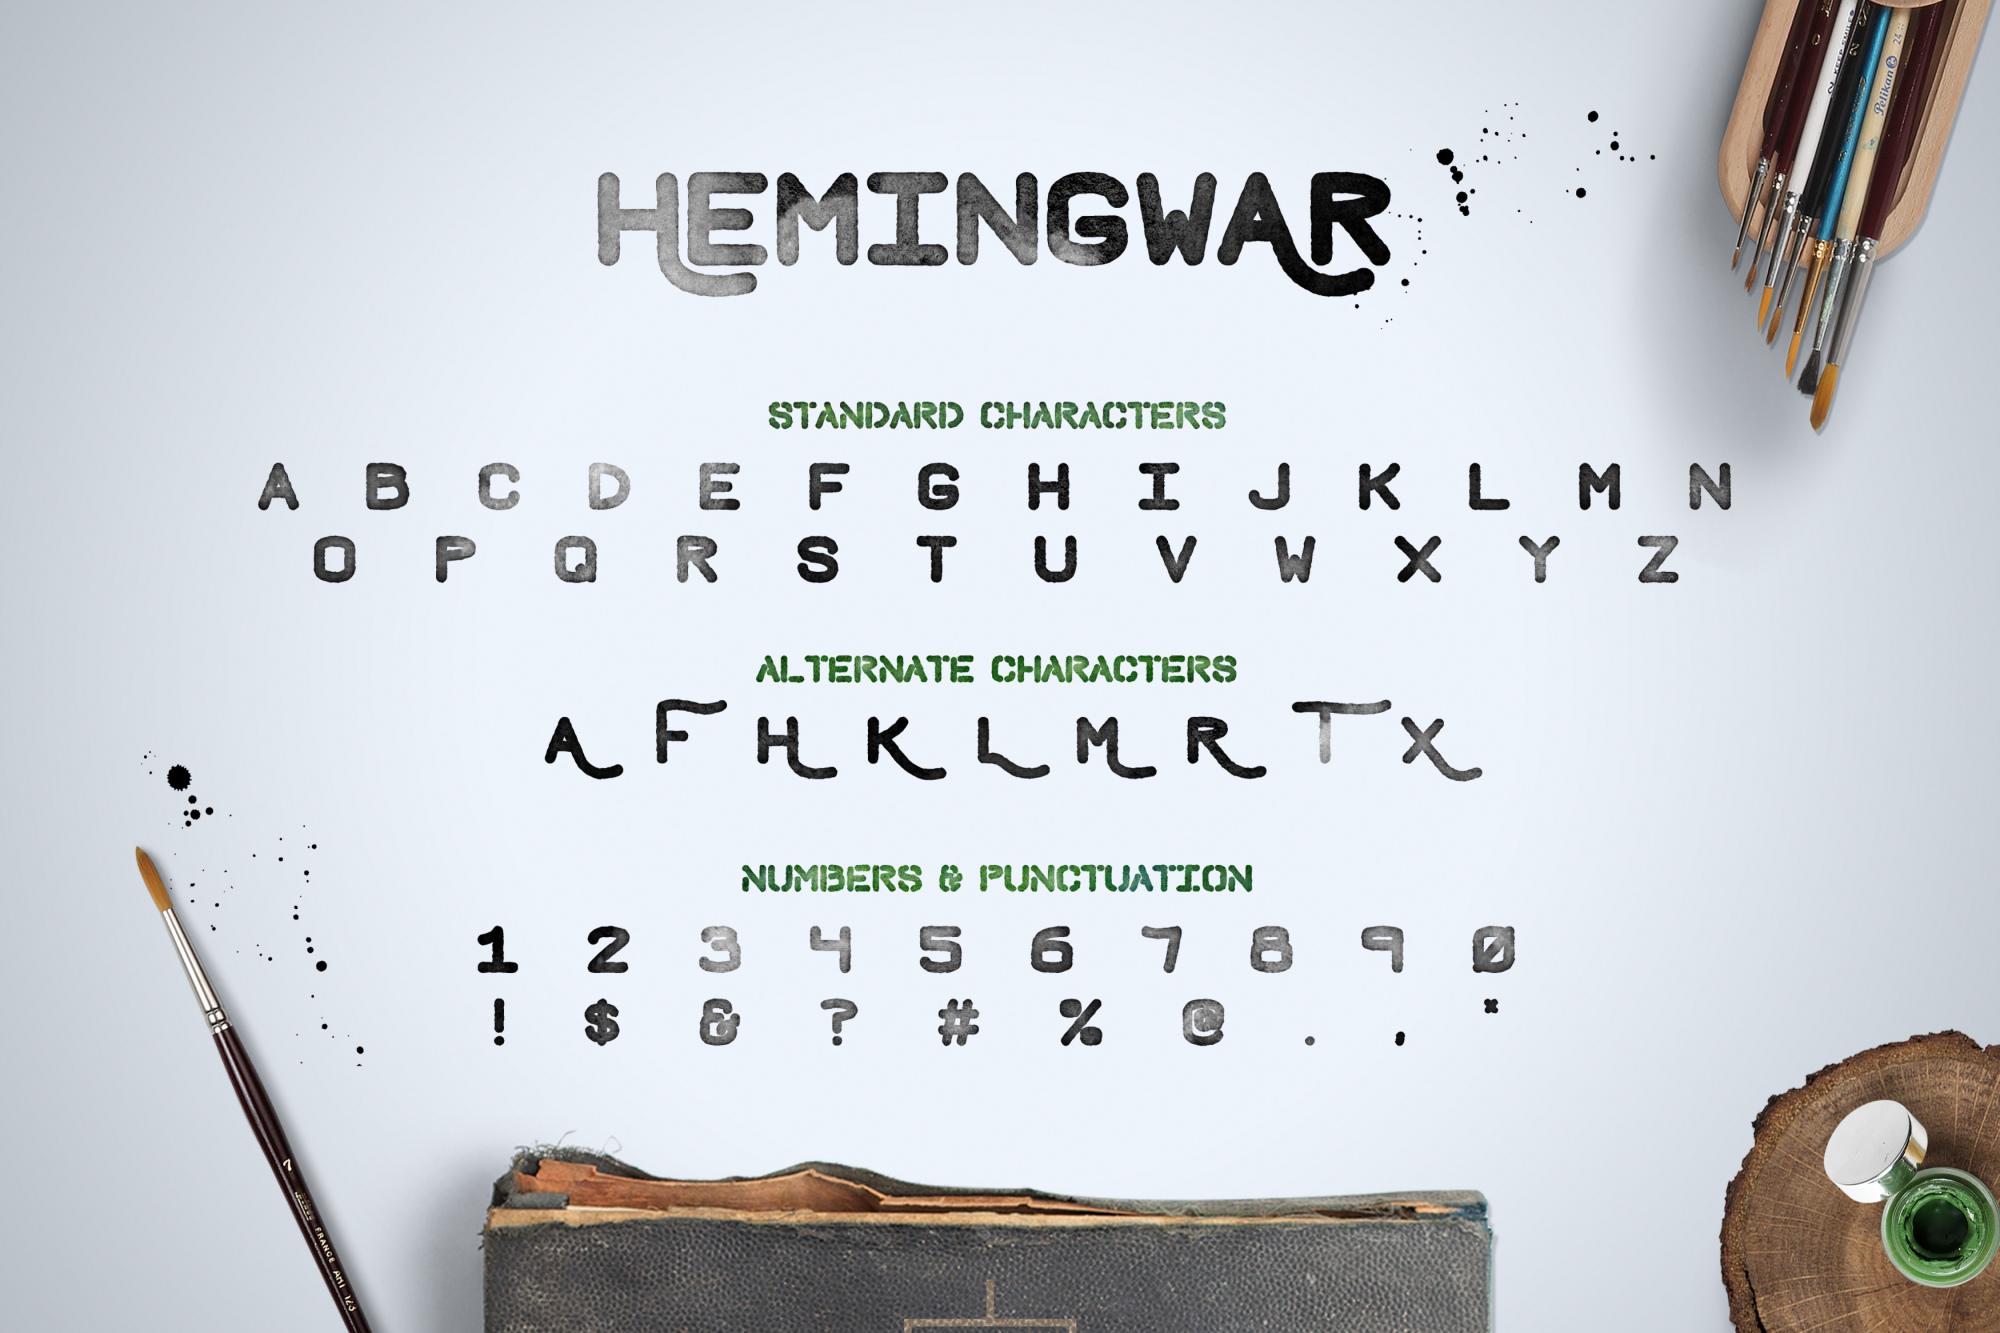 Hemingwar Characters